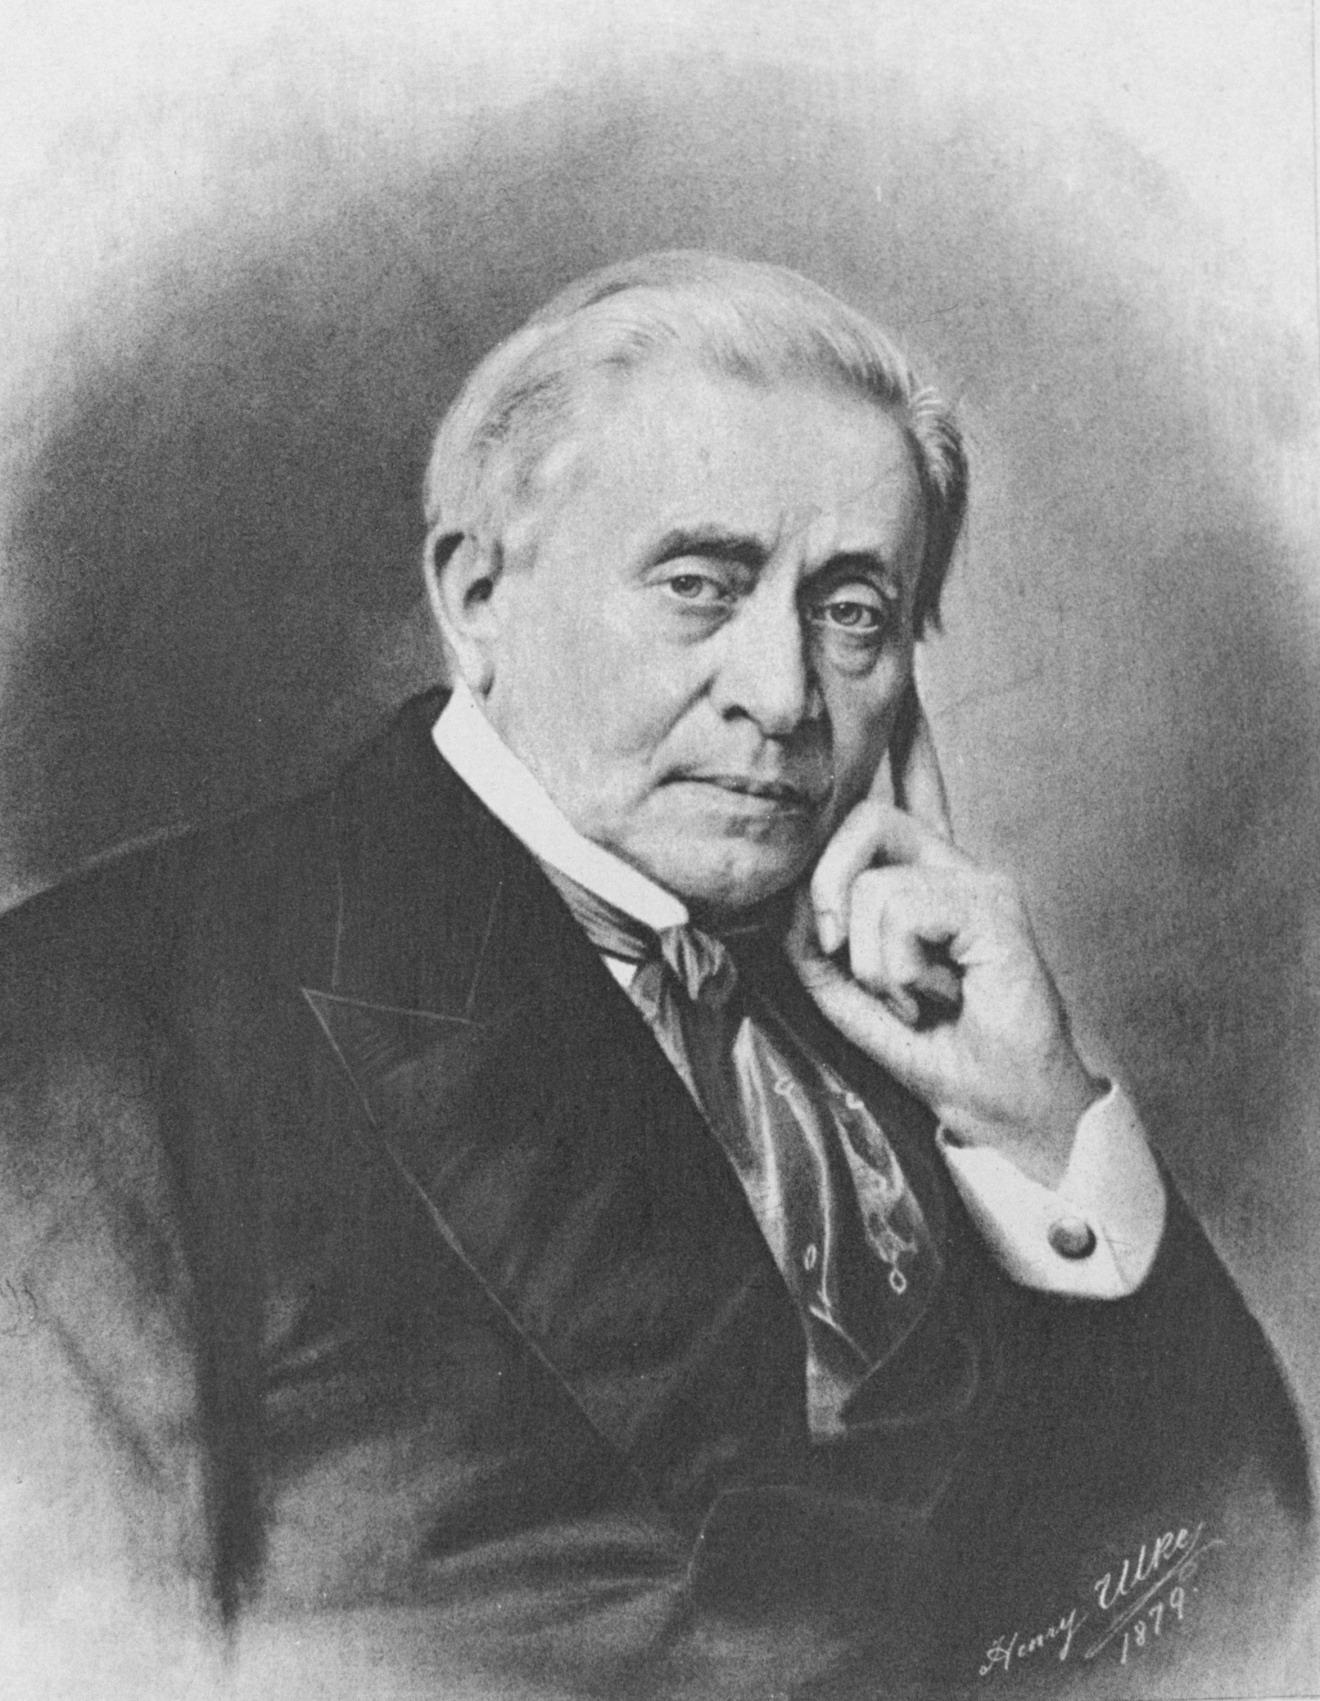 Joseph Henry Wikipedia